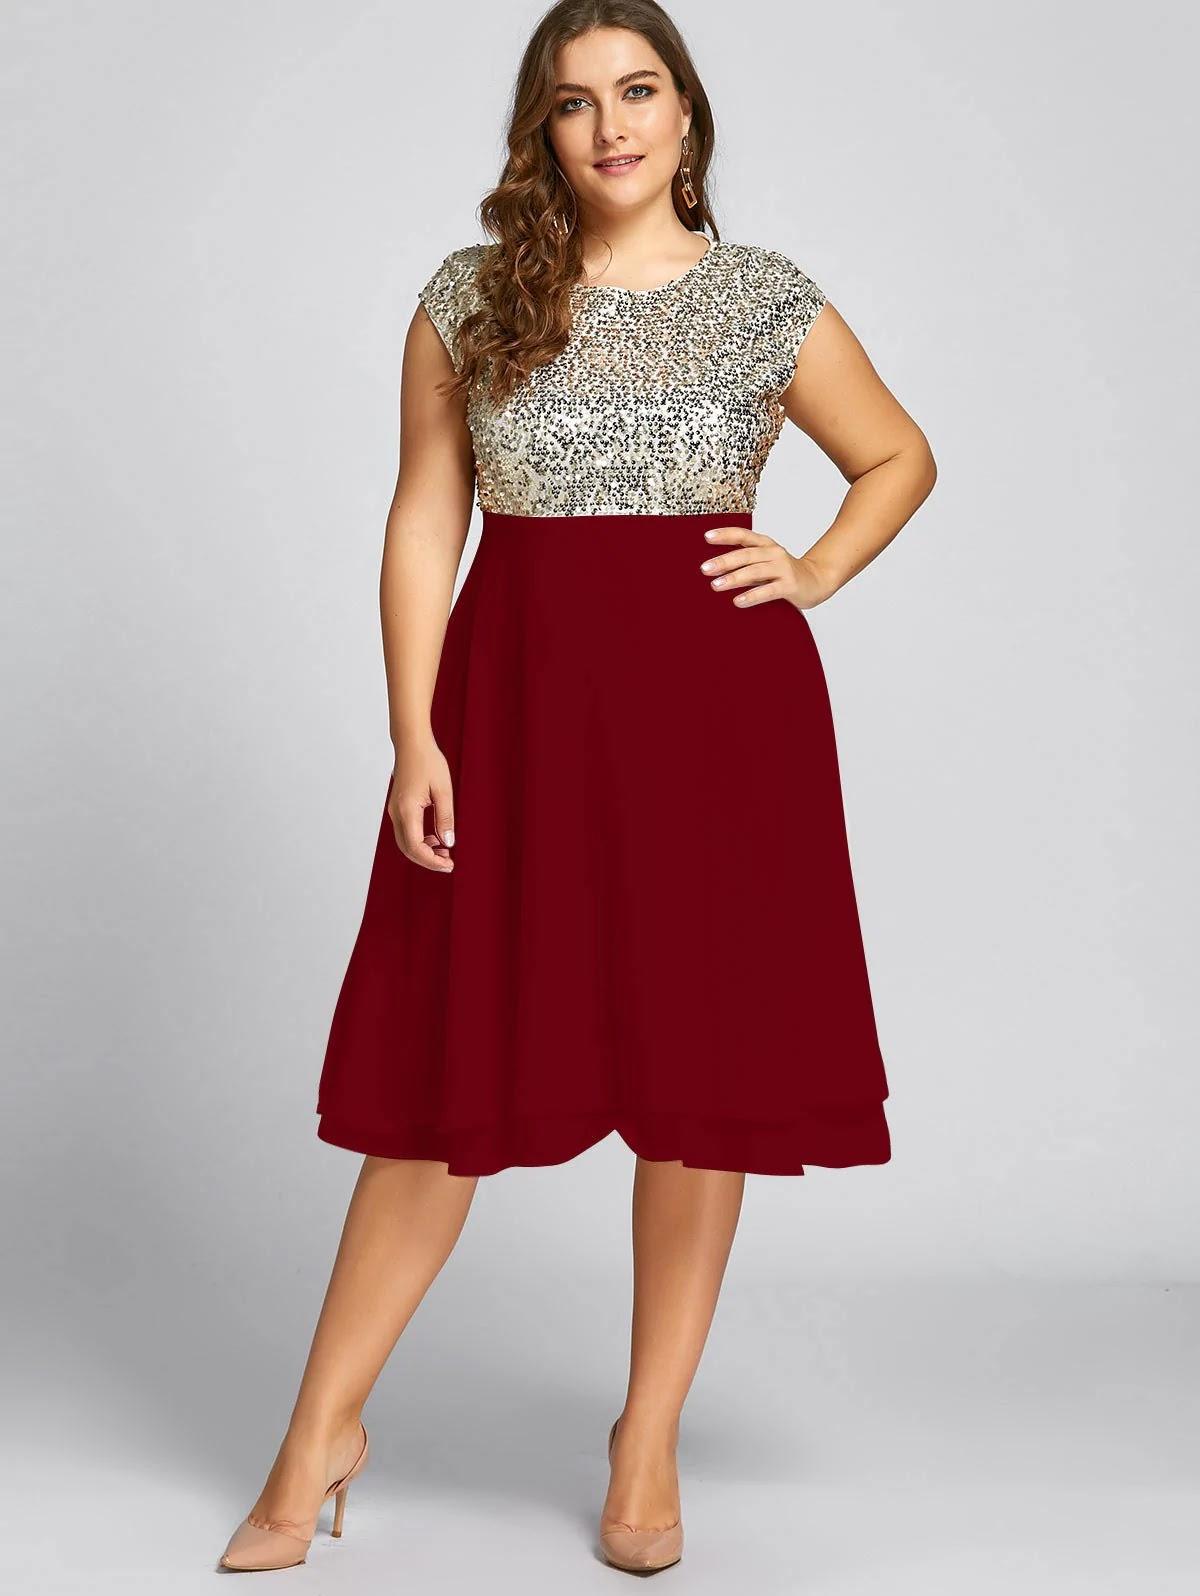 Plus Size Sequin Sparkly Cocktail Dress